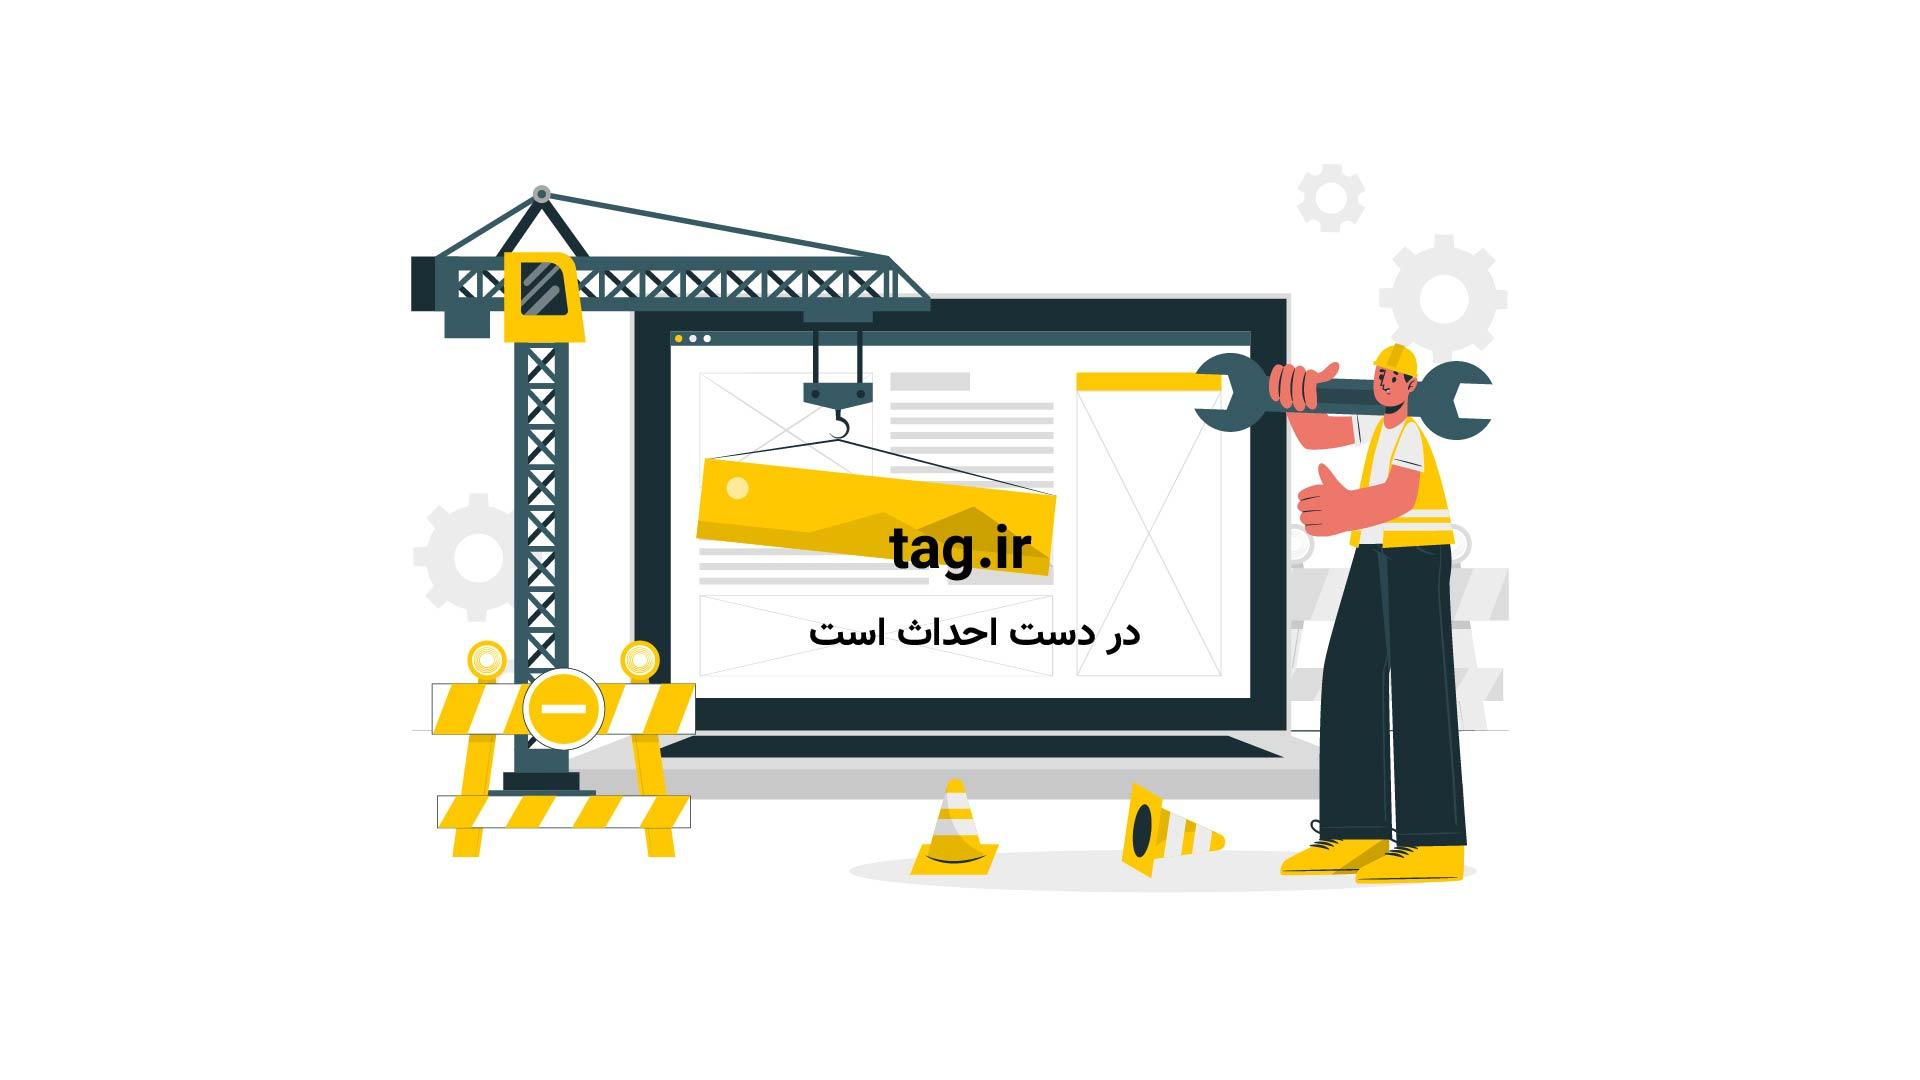 روش تعمیر موتور گیر پاژ شده خودرو  فیلم